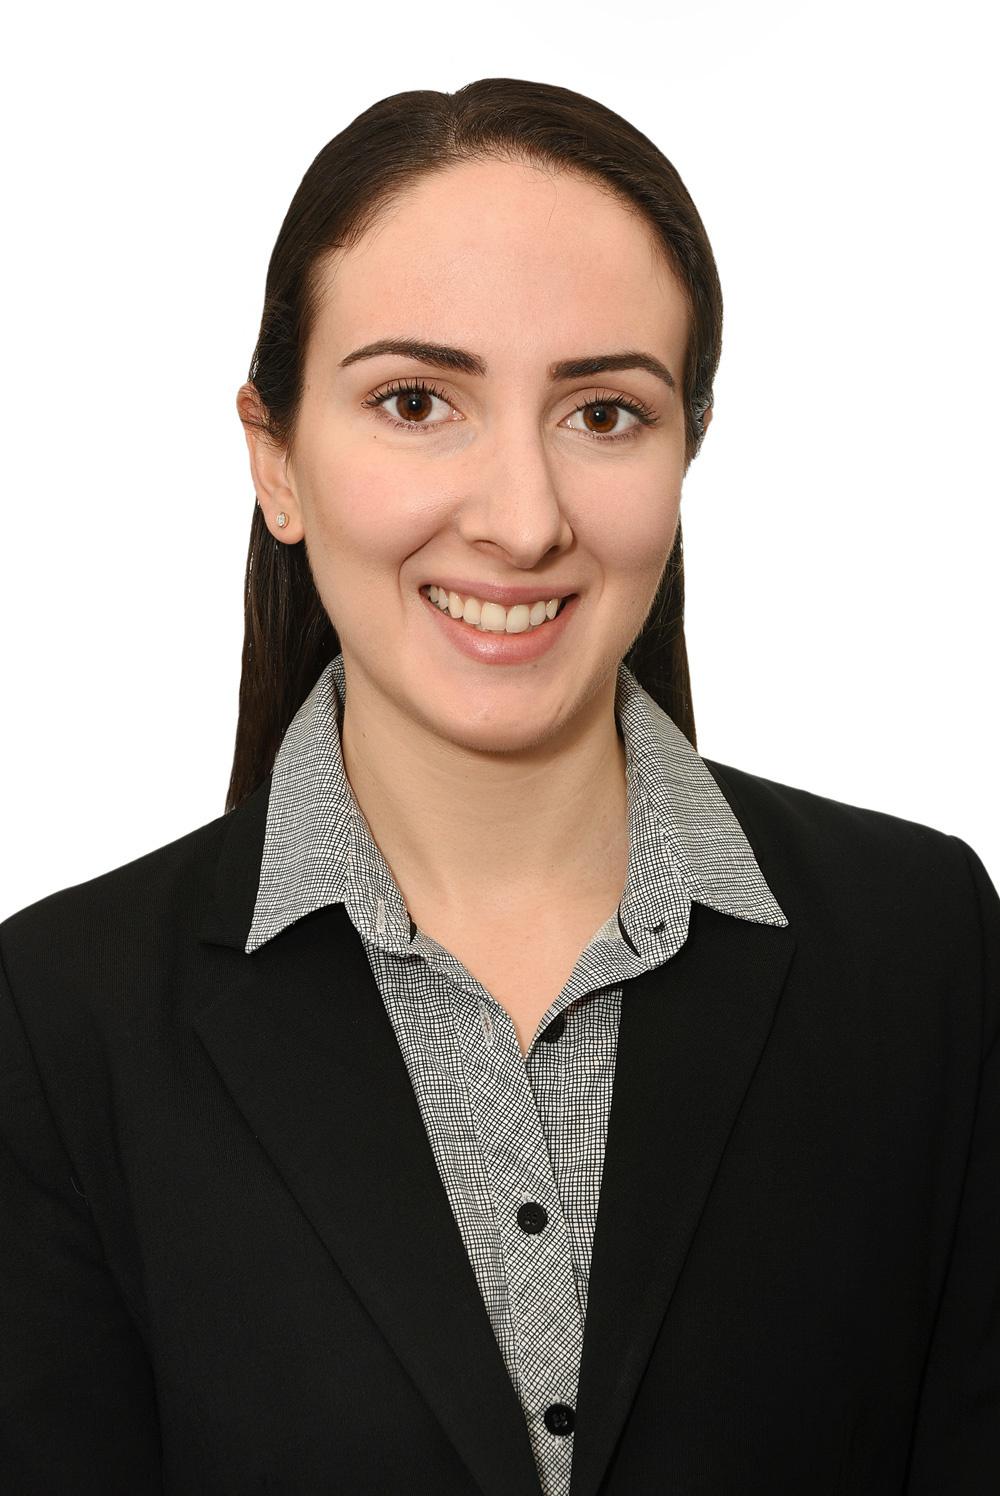 Jessica Signorini